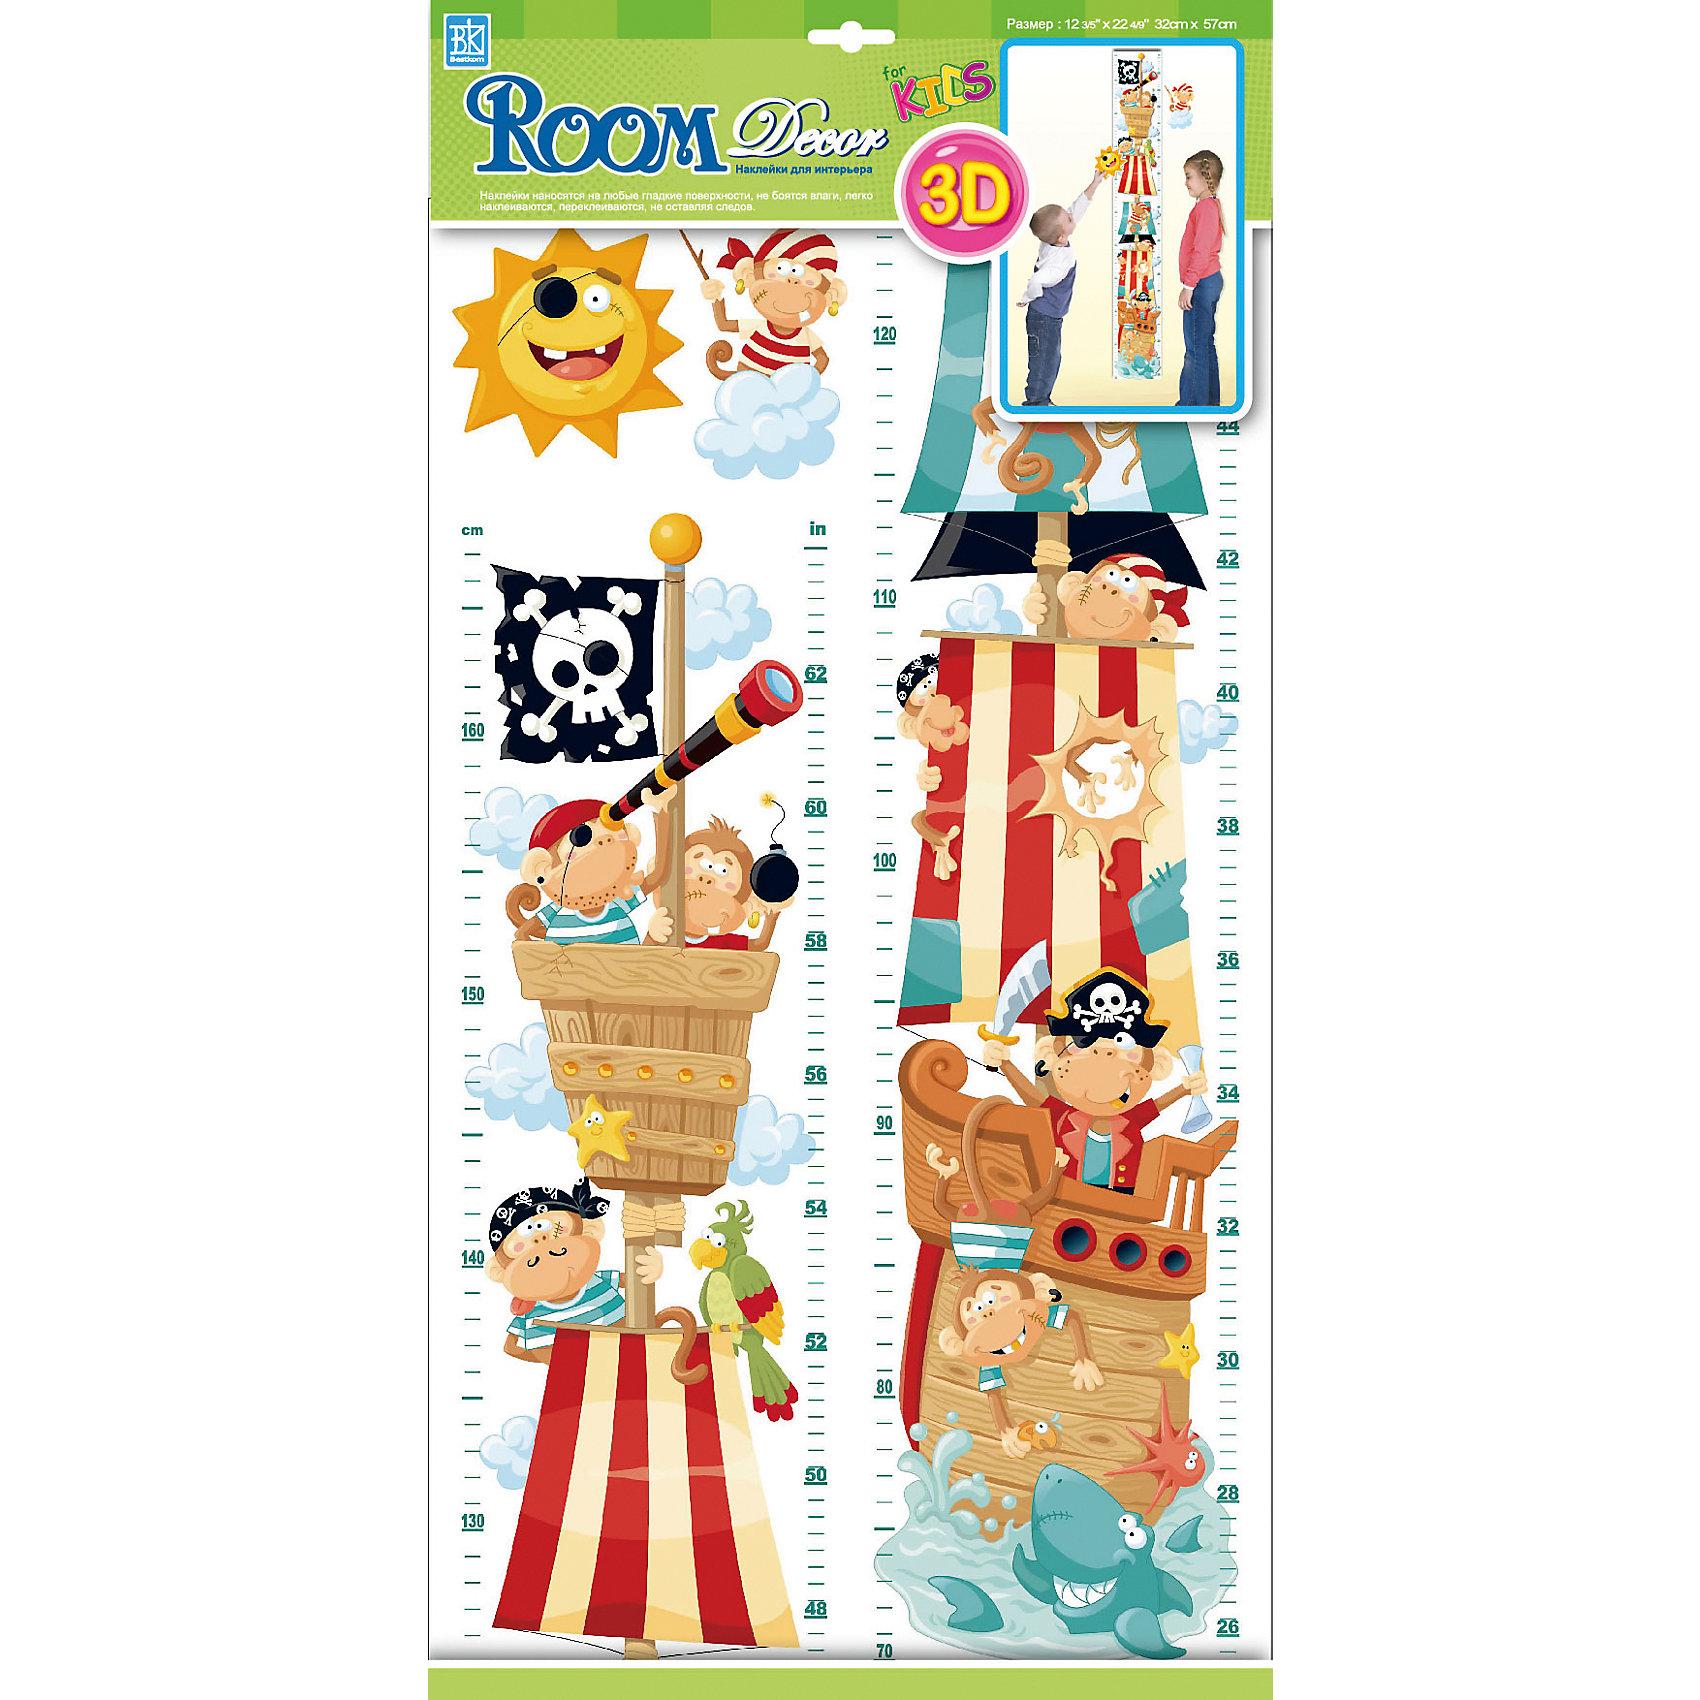 Ростомер Пираты POA3203, Room DecorПредметы интерьера<br>Характеристики:<br><br>• Предназначение: для измерения роста, декор комнаты<br>• Серия: Детские<br>• Тематика наклеек: пираты<br>• Материал: картон, ПВХ<br>• Комплектация: 4 элемента<br>• Шкала: 167 см<br>• Форма: 3d<br>• Объемные<br>• Клейкая поверхность крепится на окрашенные стены, обои, двери, деревянные панели, стекло<br>• Не повреждают поверхность<br>• Устойчивы к выцветанию и истиранию<br>• Повышенные влагостойкие свойства<br>• Размеры (Д*Ш*В): 32*7*57 см<br>• Вес: 60 г<br>• Упаковка: блистер<br><br>Все наклейки выполнены из безопасного и нетоксичного материала – ПВХ. Прочная клеевая основа обеспечивает надежное прикрепление практически к любому виду горизонтальной или вертикальной поверхности, при этом не деформируя и не повреждая ее. Наклейки обладают влагоустойчивыми свойствами, поэтому они хорошо переносят влажную уборку. <br><br>Ростомер Пираты POA3203, Room Decor состоит из набора, в который входят 4 элемента с изображением сюжетных картинок пиратской тематики. Набор выполнен в объемном формате, что придает всей композиции 3d эффект. <br><br>Ростомер Пираты POA3203, Room Decor можно купить в нашем интернет-магазине.<br><br>Ширина мм: 320<br>Глубина мм: 70<br>Высота мм: 570<br>Вес г: 60<br>Возраст от месяцев: 36<br>Возраст до месяцев: 168<br>Пол: Мужской<br>Возраст: Детский<br>SKU: 5513007